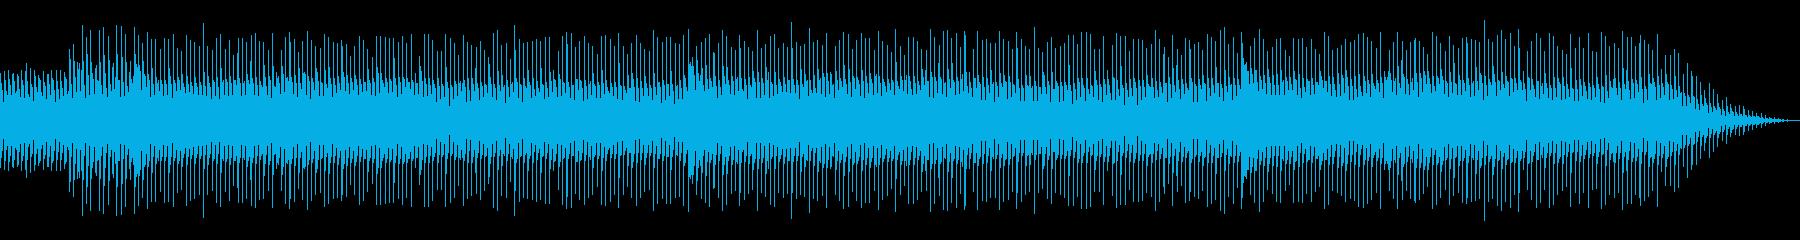 ちょっと切ない爽やか電子音楽_Cメロなしの再生済みの波形